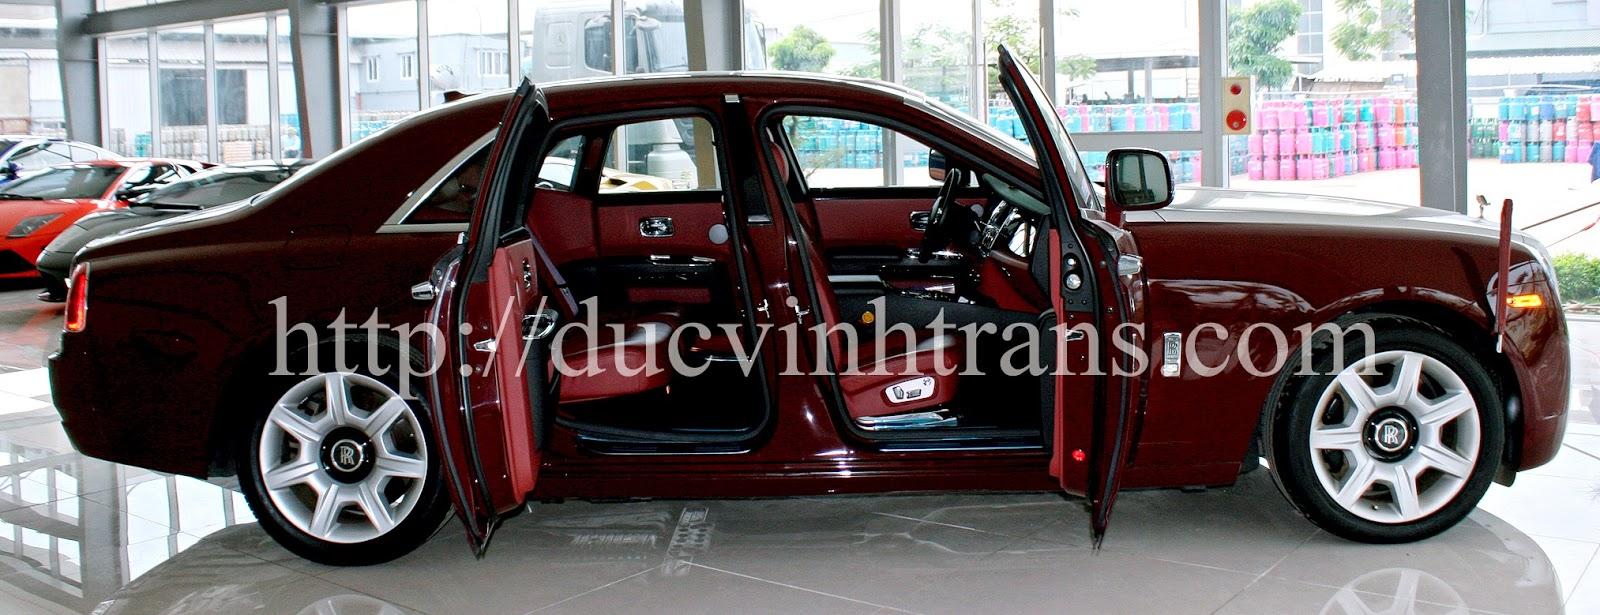 Đức vinh Cho thuê siêu xe RollRoyce đỏ đun cá tính